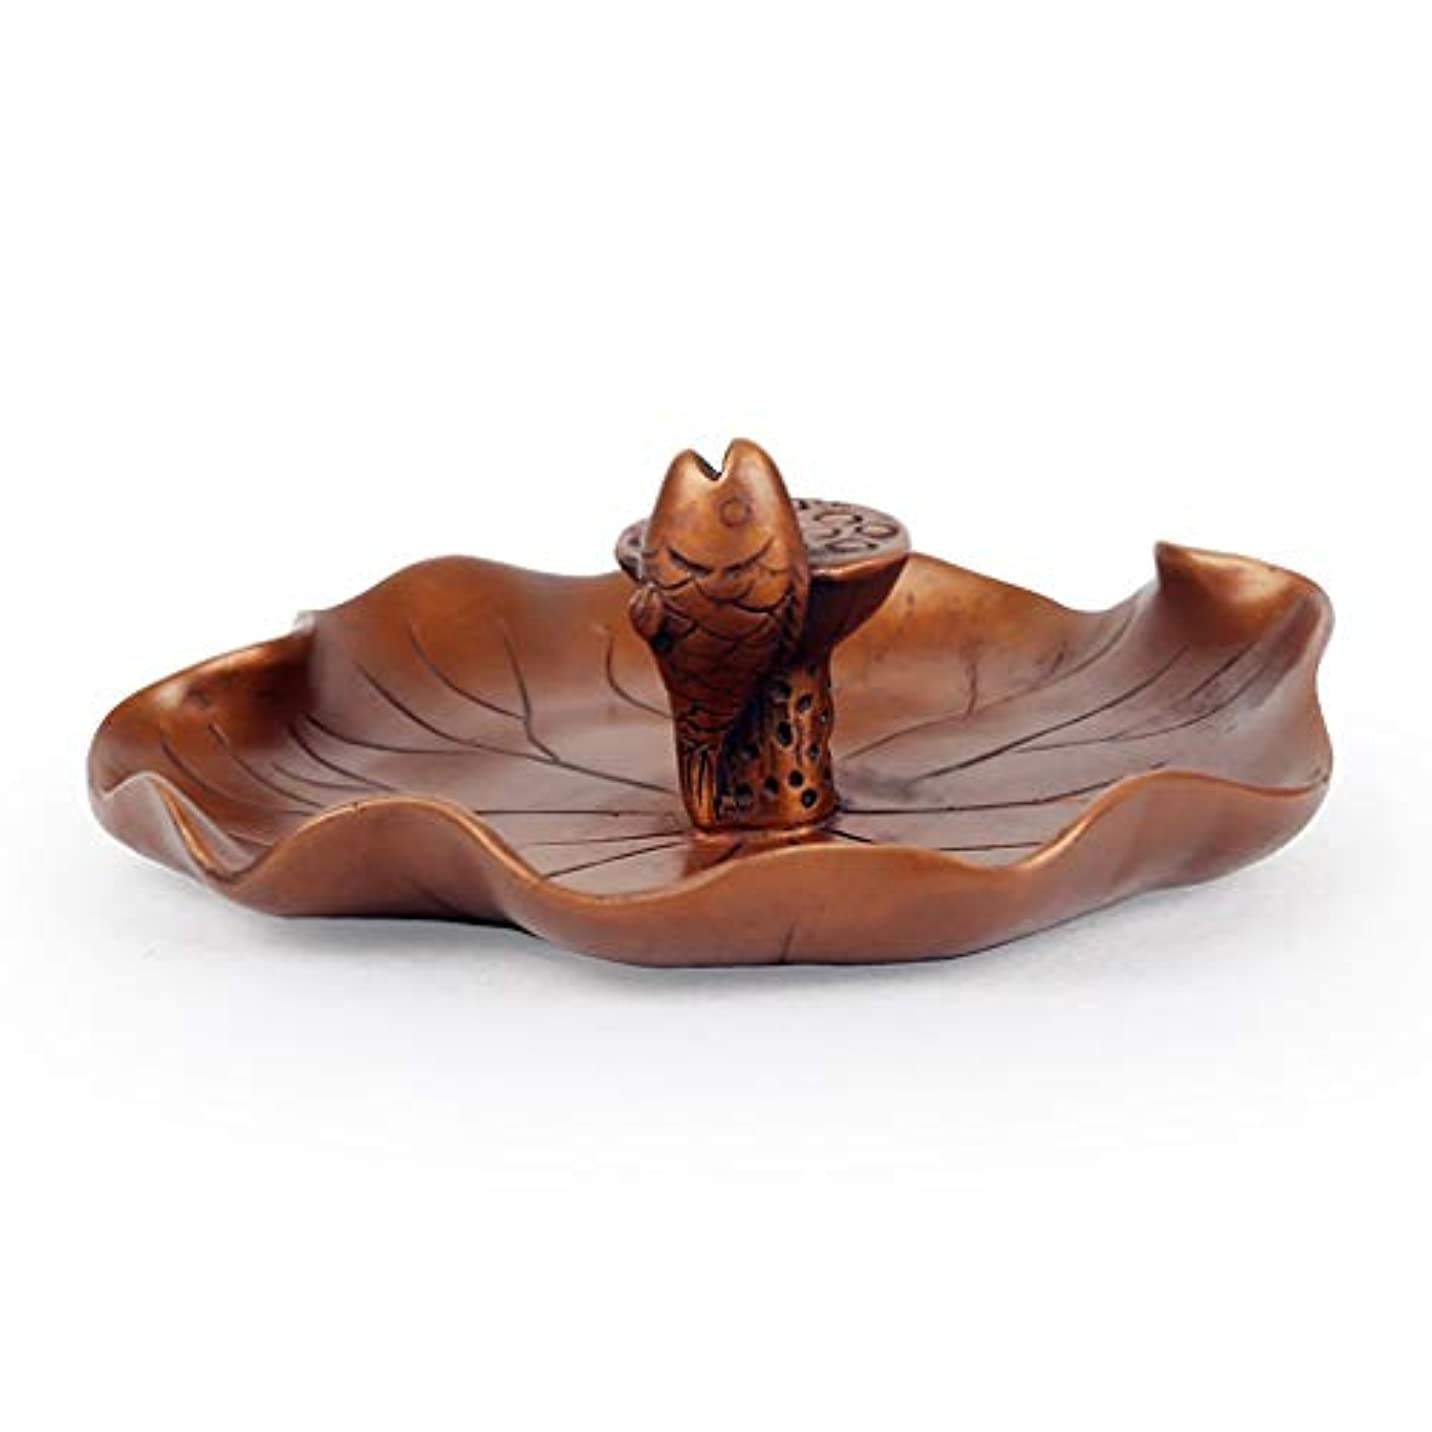 芳香器?アロマバーナー 還流香炉ホーム香りの良い禅禅ラッキー鑑賞新しいクリエイティブアガーウッド香バーナー装飾 芳香器?アロマバーナー (Color : Brass)